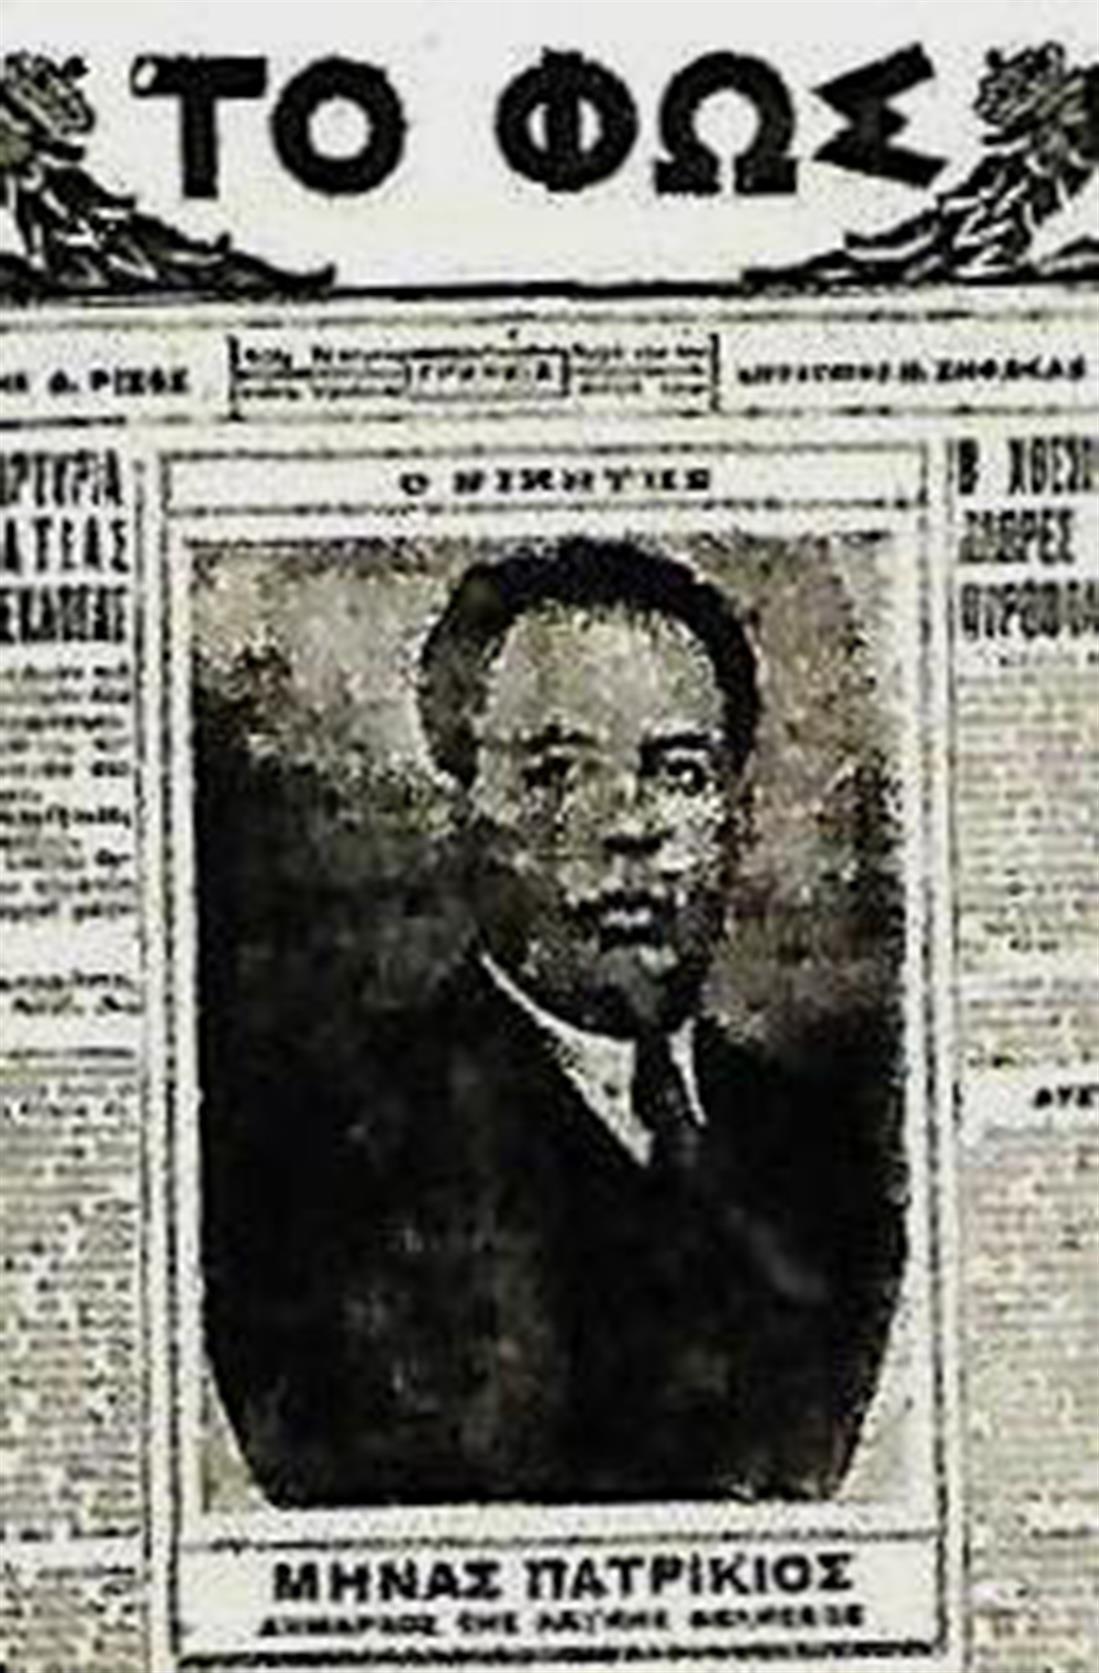 Πρώτος δήμαρχος  Θεσσαλονίκης - Μηνάς Πατρίκιος